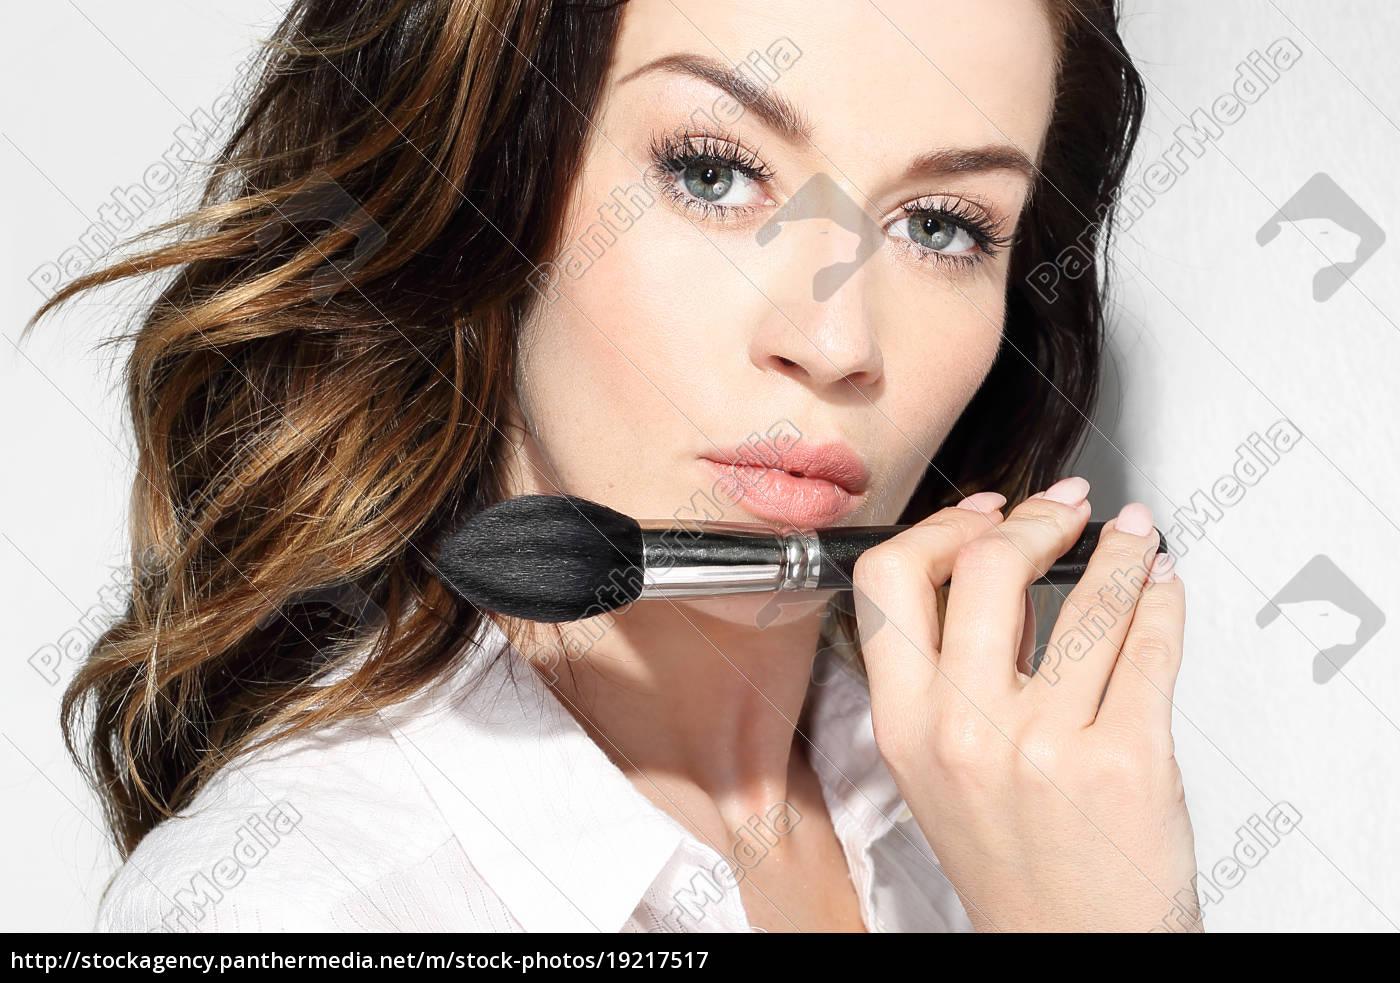 modeling, of, facial, makeup, brush. - 19217517